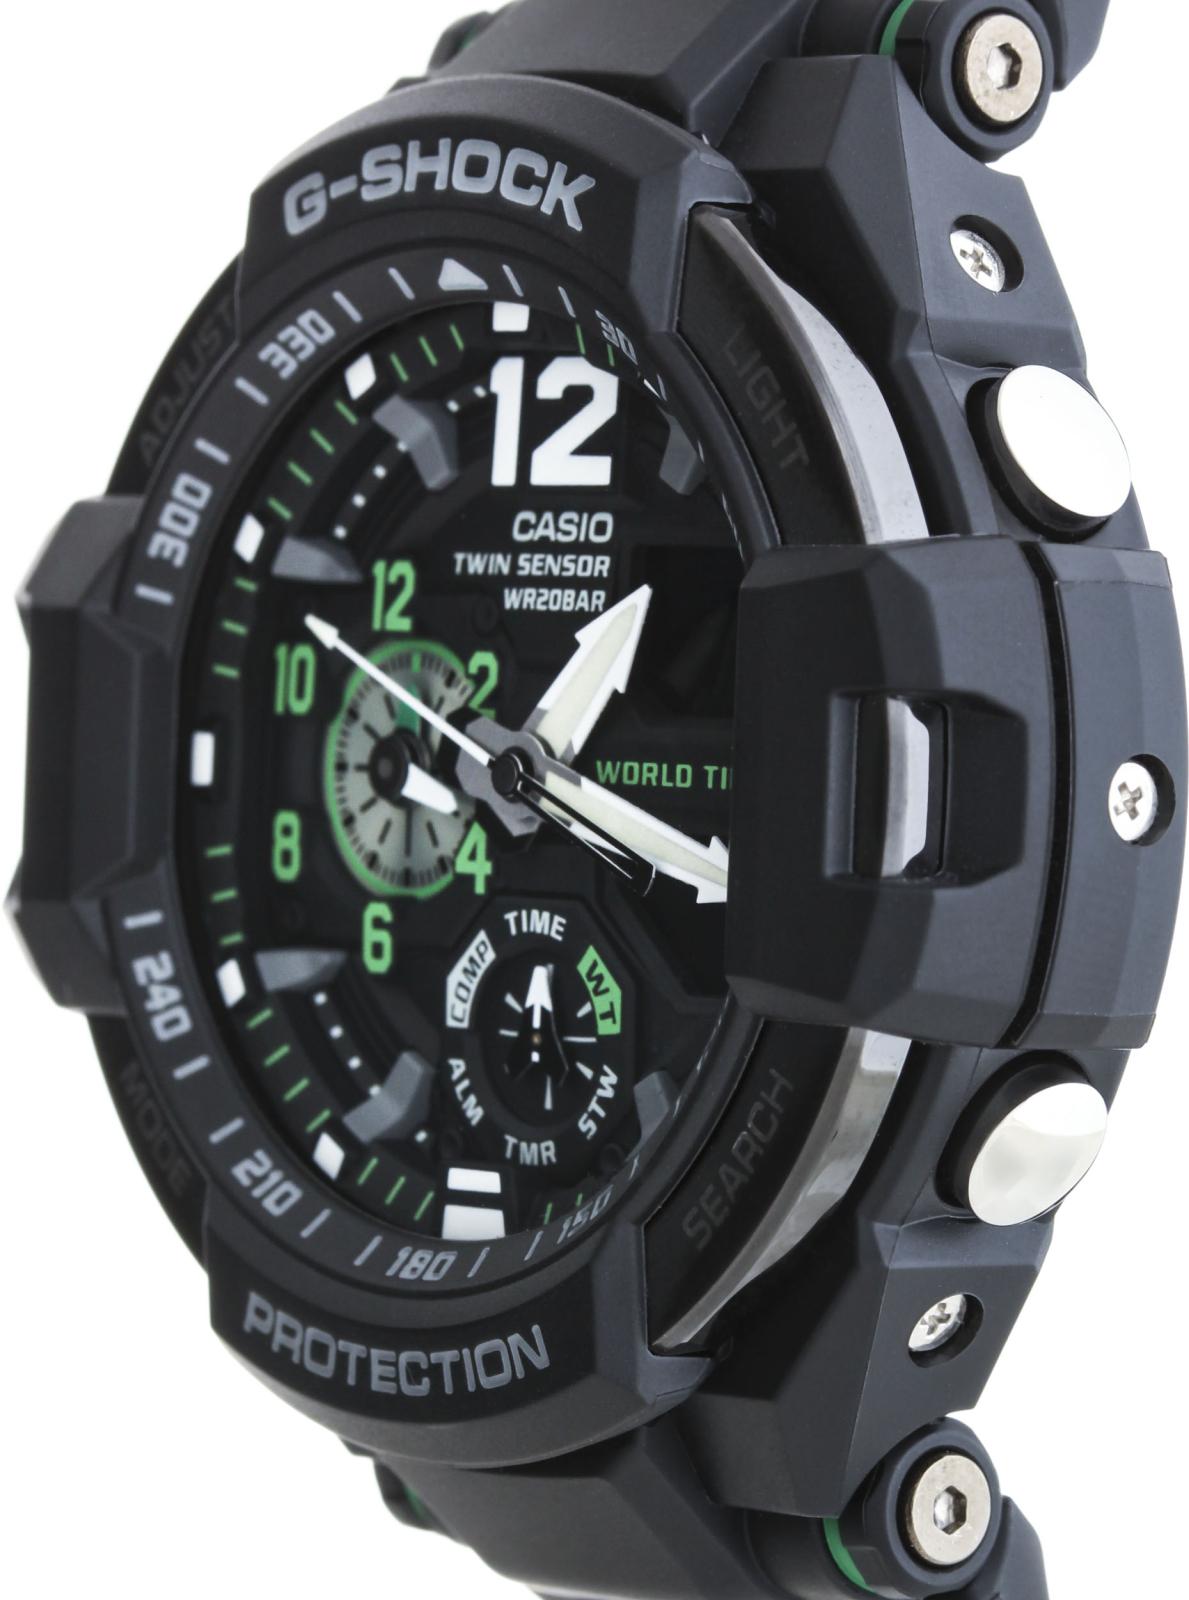 Casio G-shock Gravitymaster GA-1100-1A3Наручные часы<br>Японские часы Casio G-shock Gravitymaster GA-1100-1A3<br><br>Пол: Мужские<br>Страна-производитель: Япония<br>Механизм: Кварцевый<br>Материал корпуса: Пластик<br>Материал ремня/браслета: Каучук<br>Водозащита, диапазон: None<br>Стекло: Минеральное<br>Толщина корпуса: 16,6 мм<br>Стиль: None